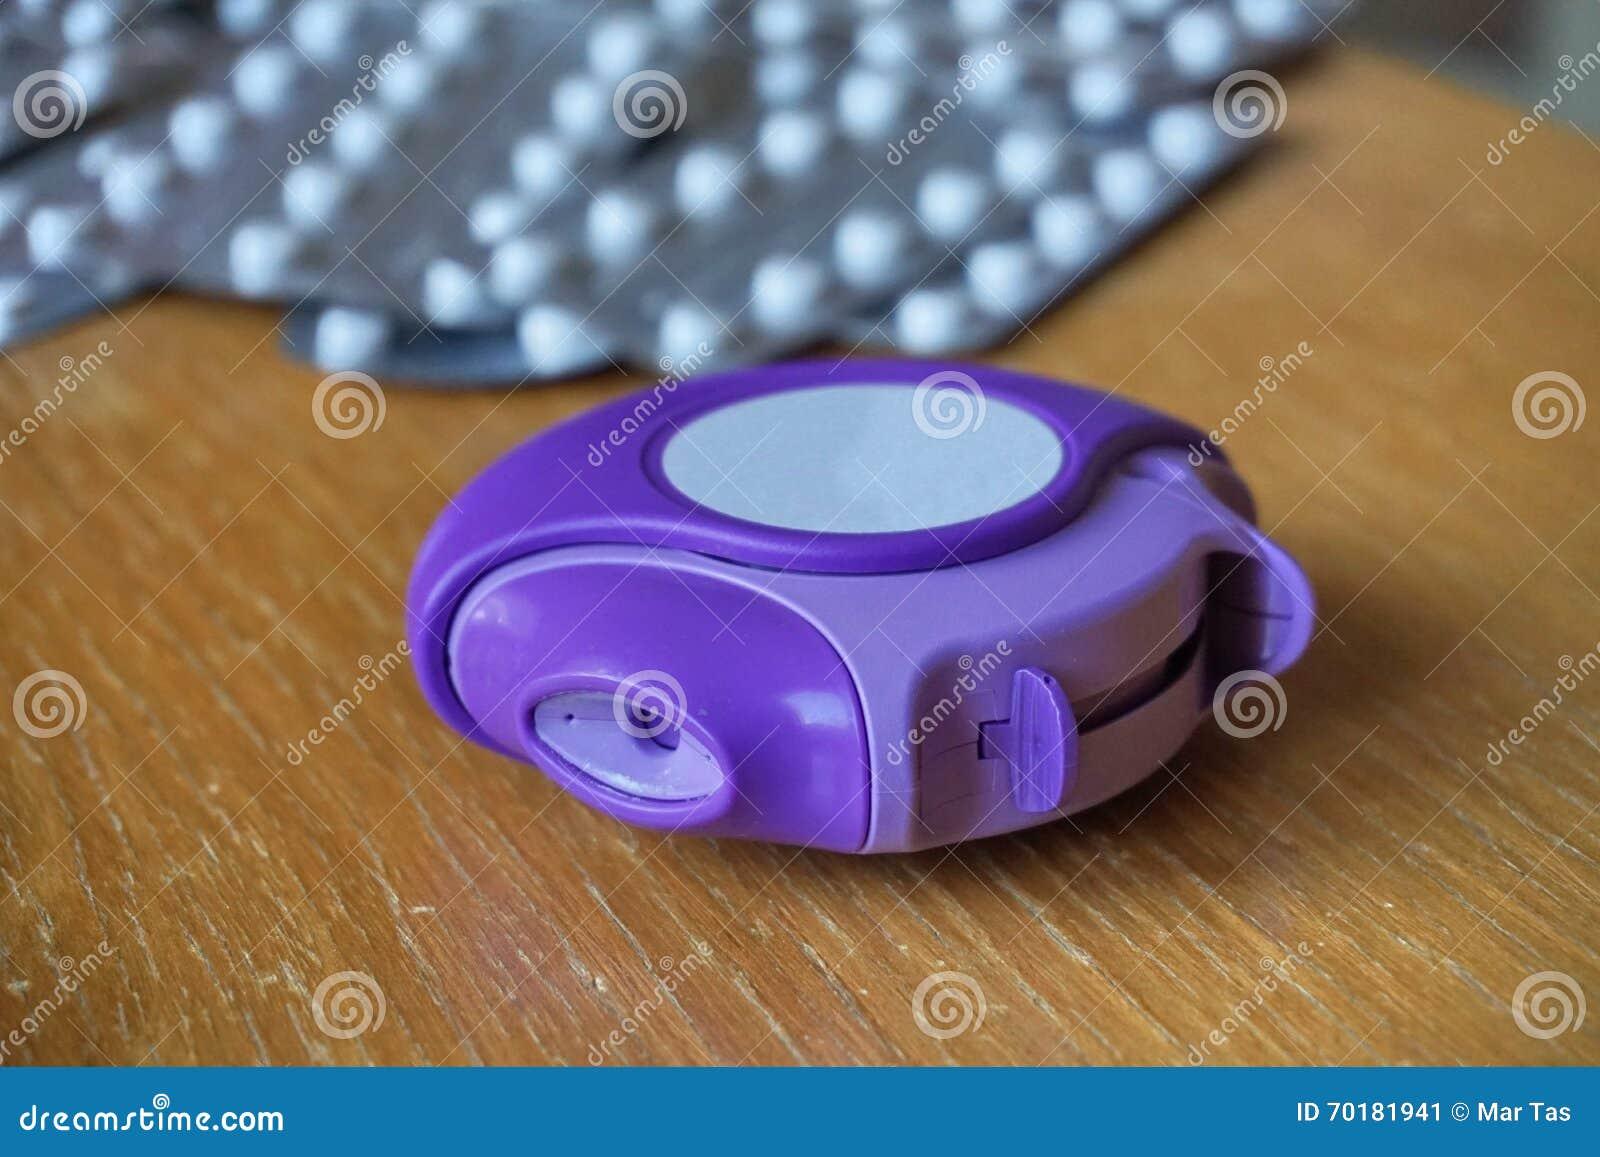 Den van vid allergiinhalatorn förminskar allergisk och astmareaktion i blått och violetfärg